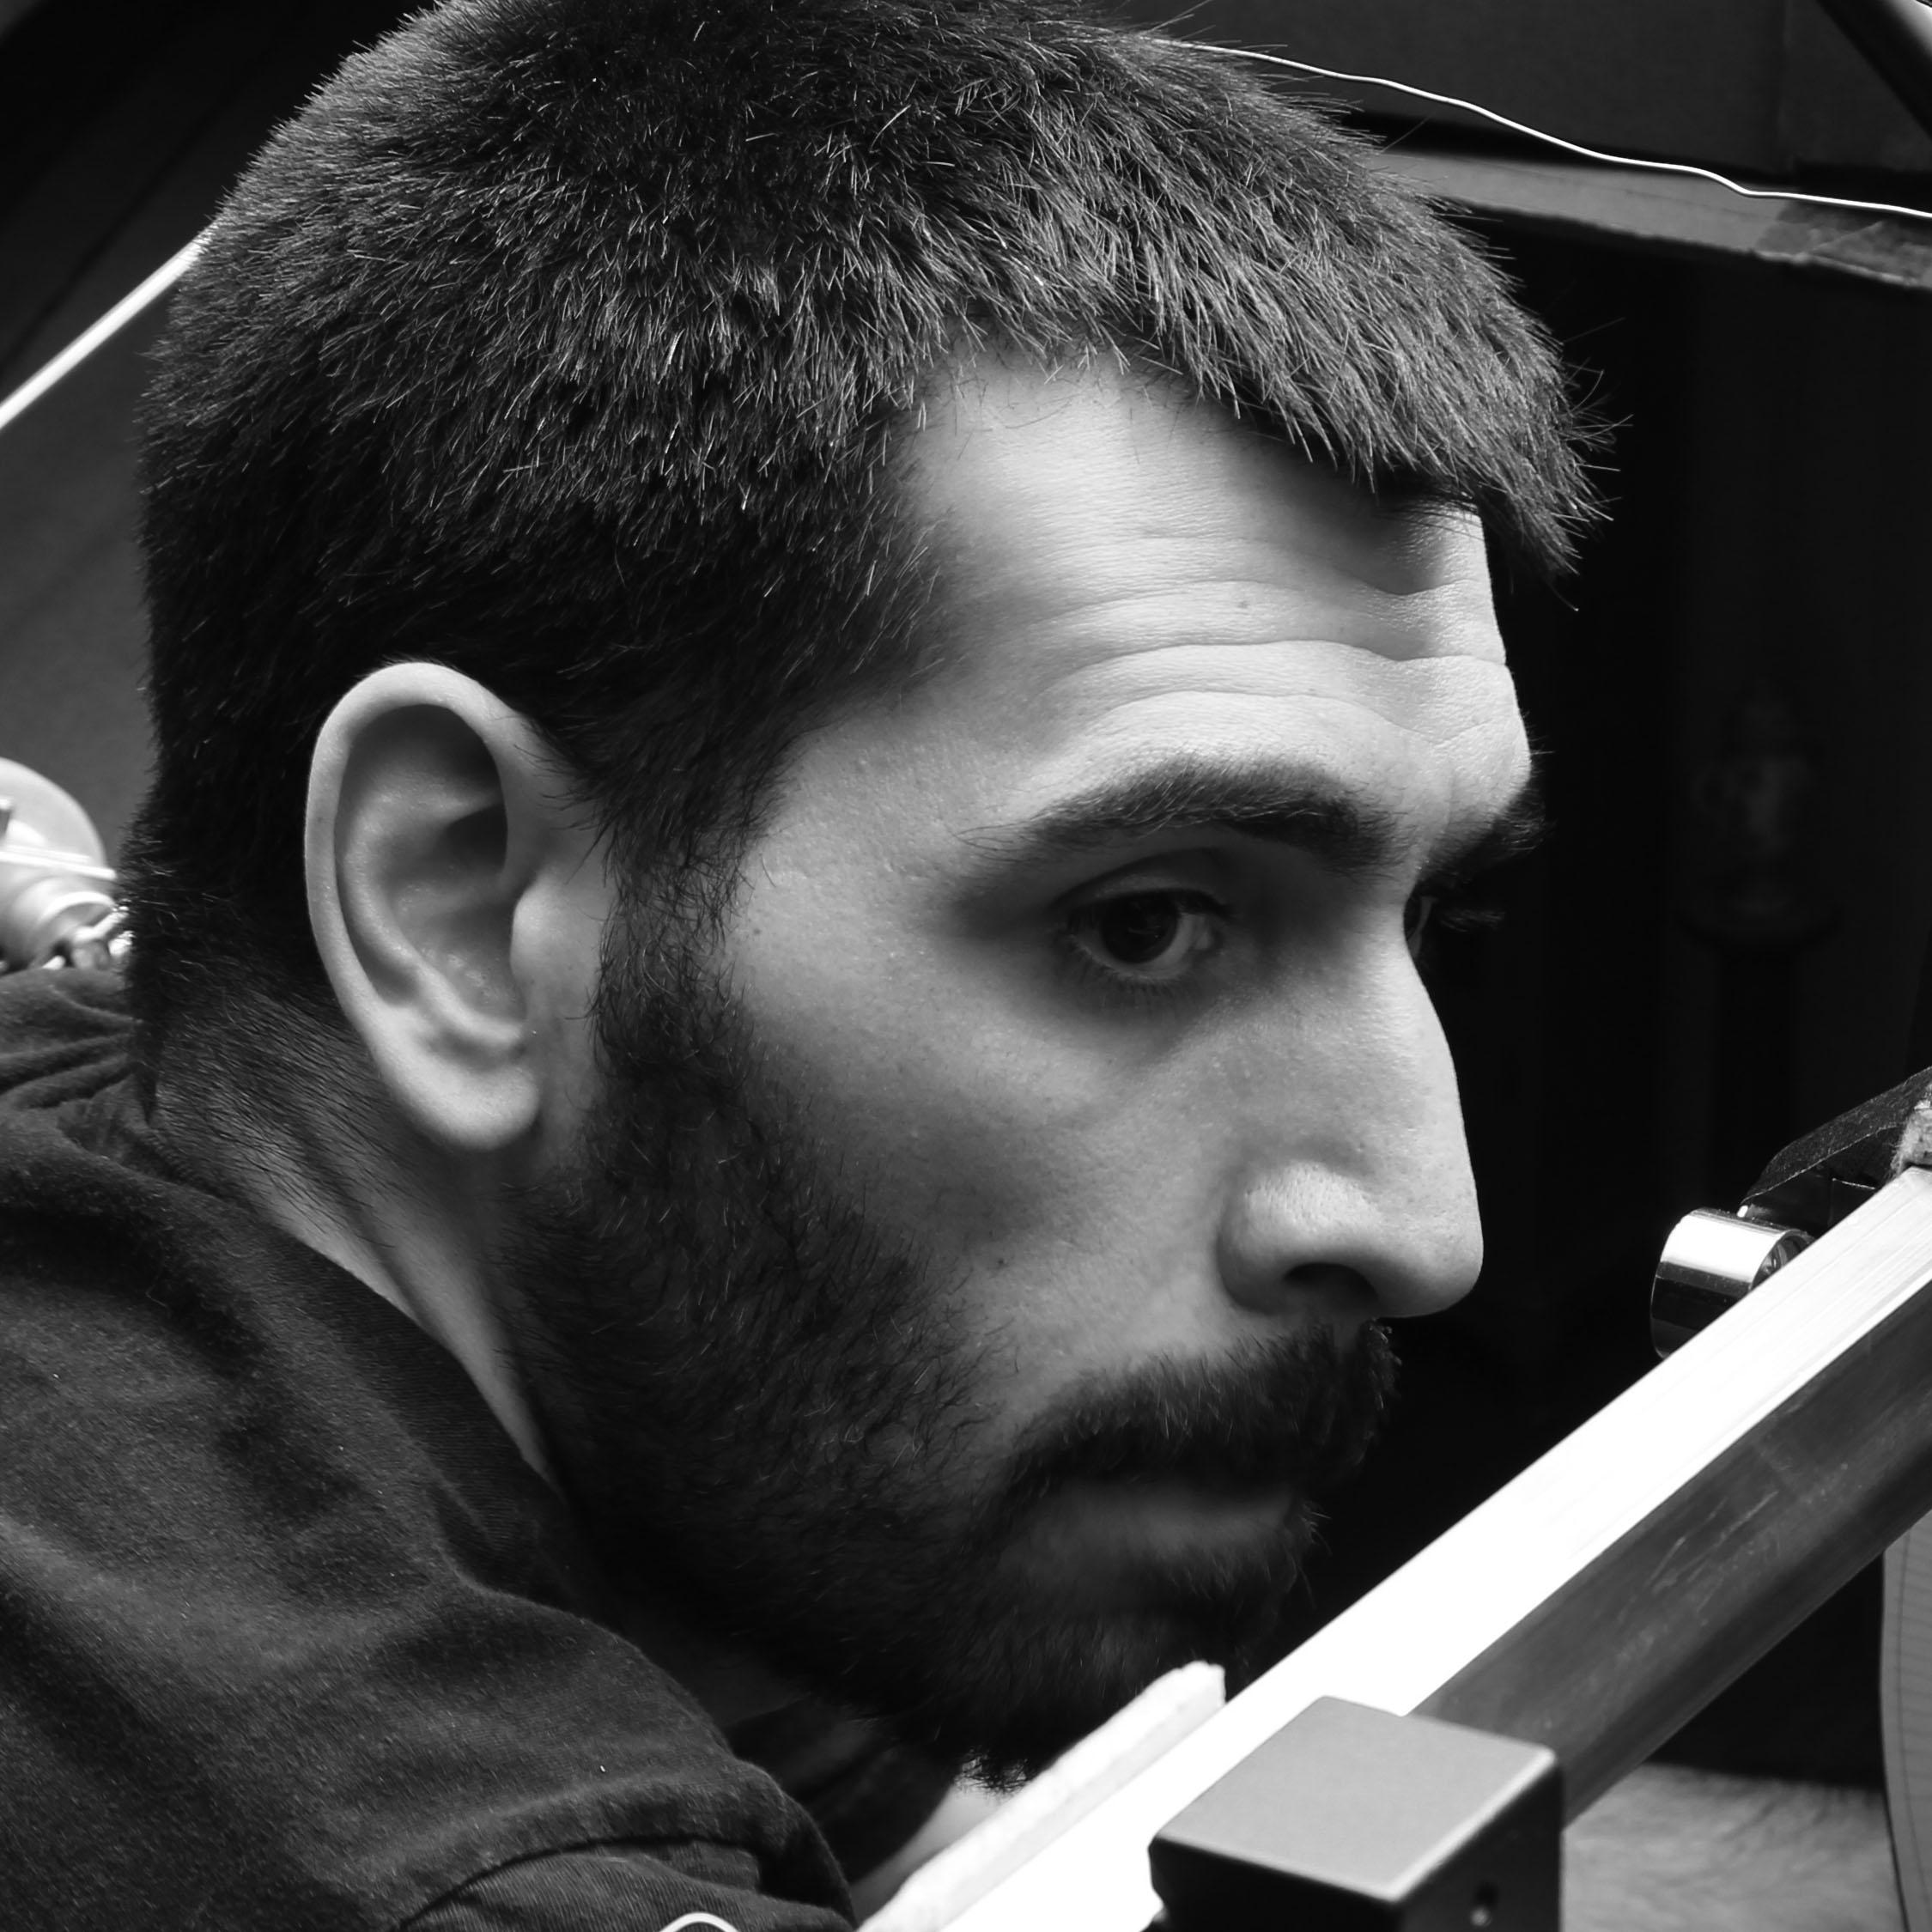 Santiago Bou Grasso : «Le stop-motion crée un lien avec le temps qui s'arrête»